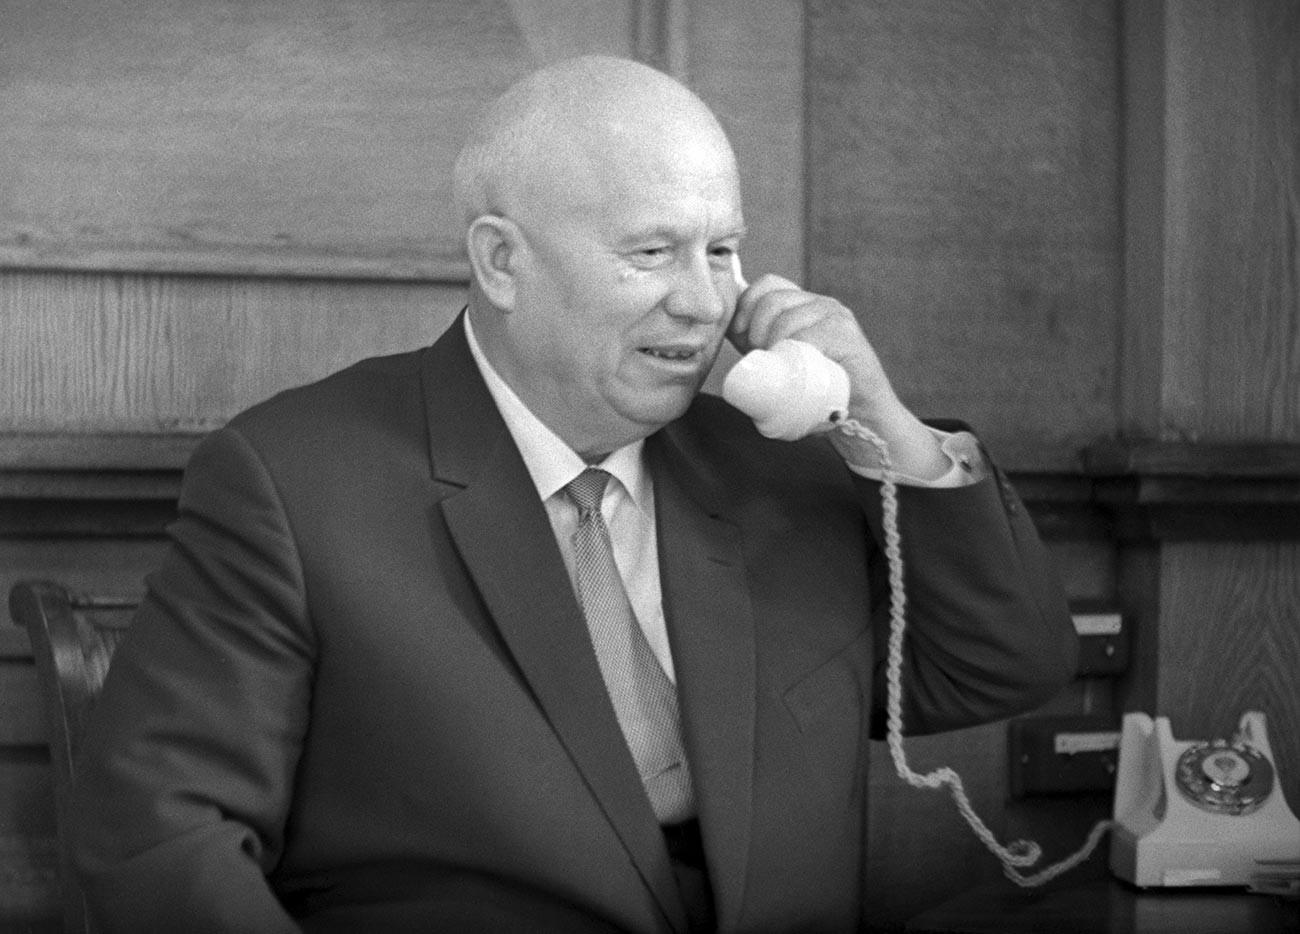 Generalni sekretar Centralnega komiteja KP ZSSR Nikita Hruščov v svojem delovnem kabinetu